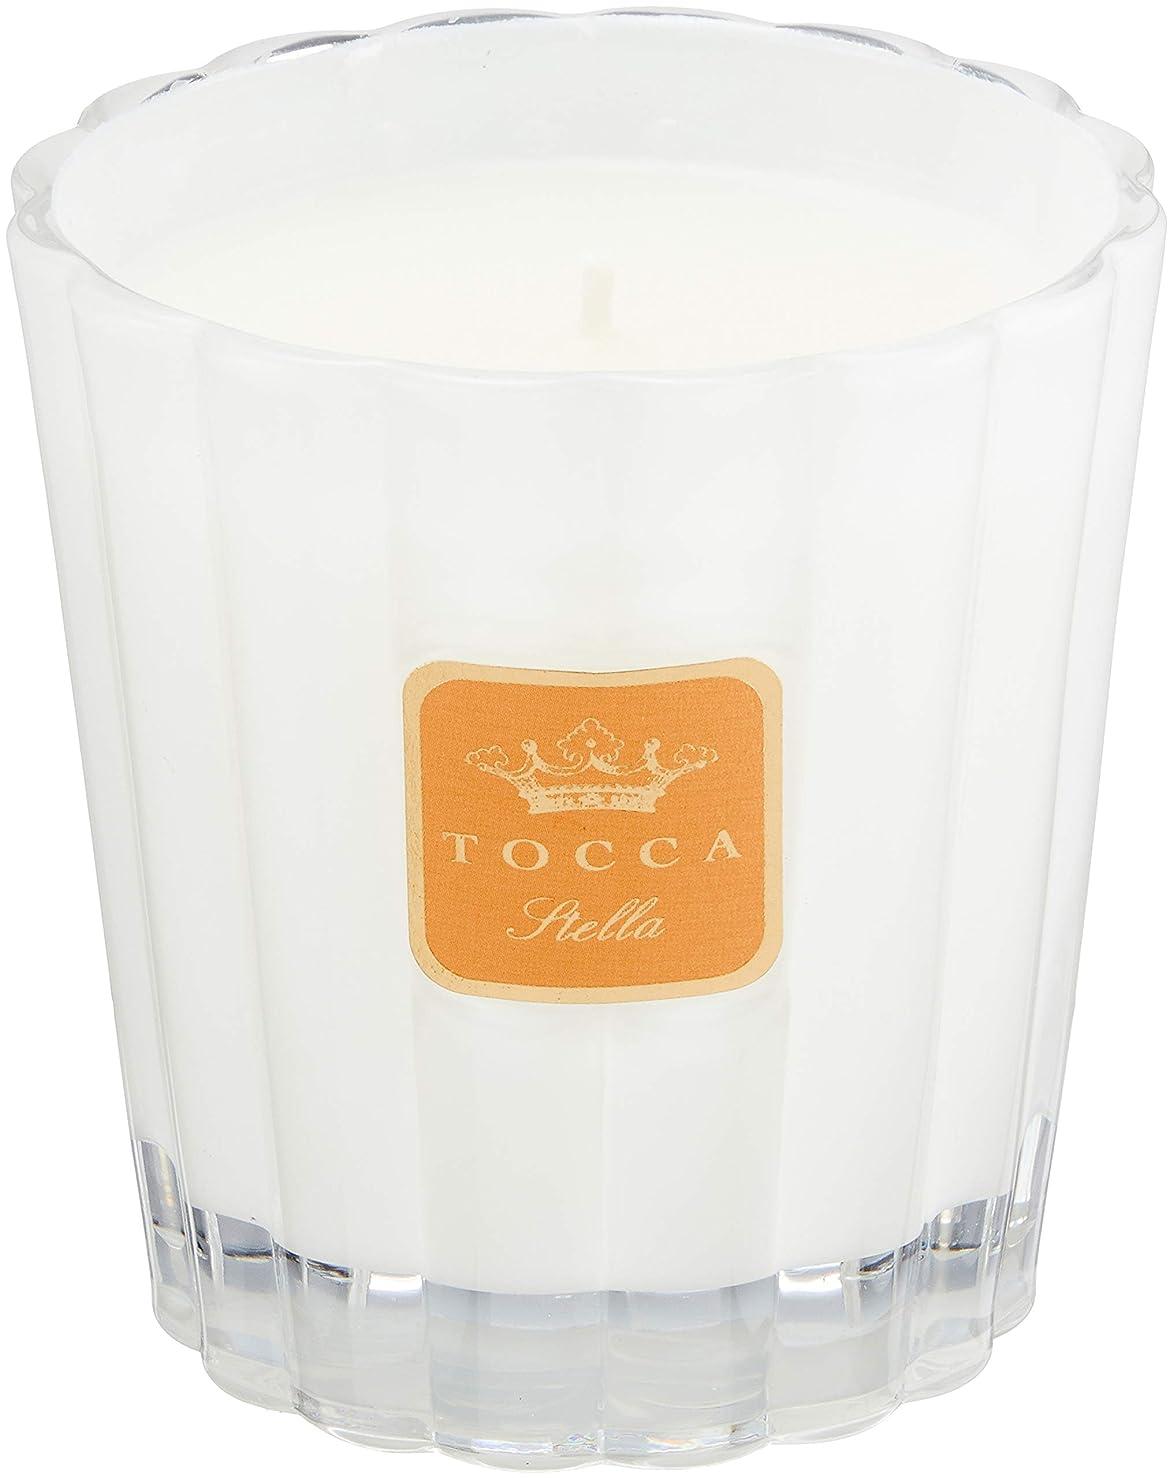 許容デュアル優先権トッカ(TOCCA) キャンドル ステラの香り 約287g (ろうそく フレッシュでビターな香り)